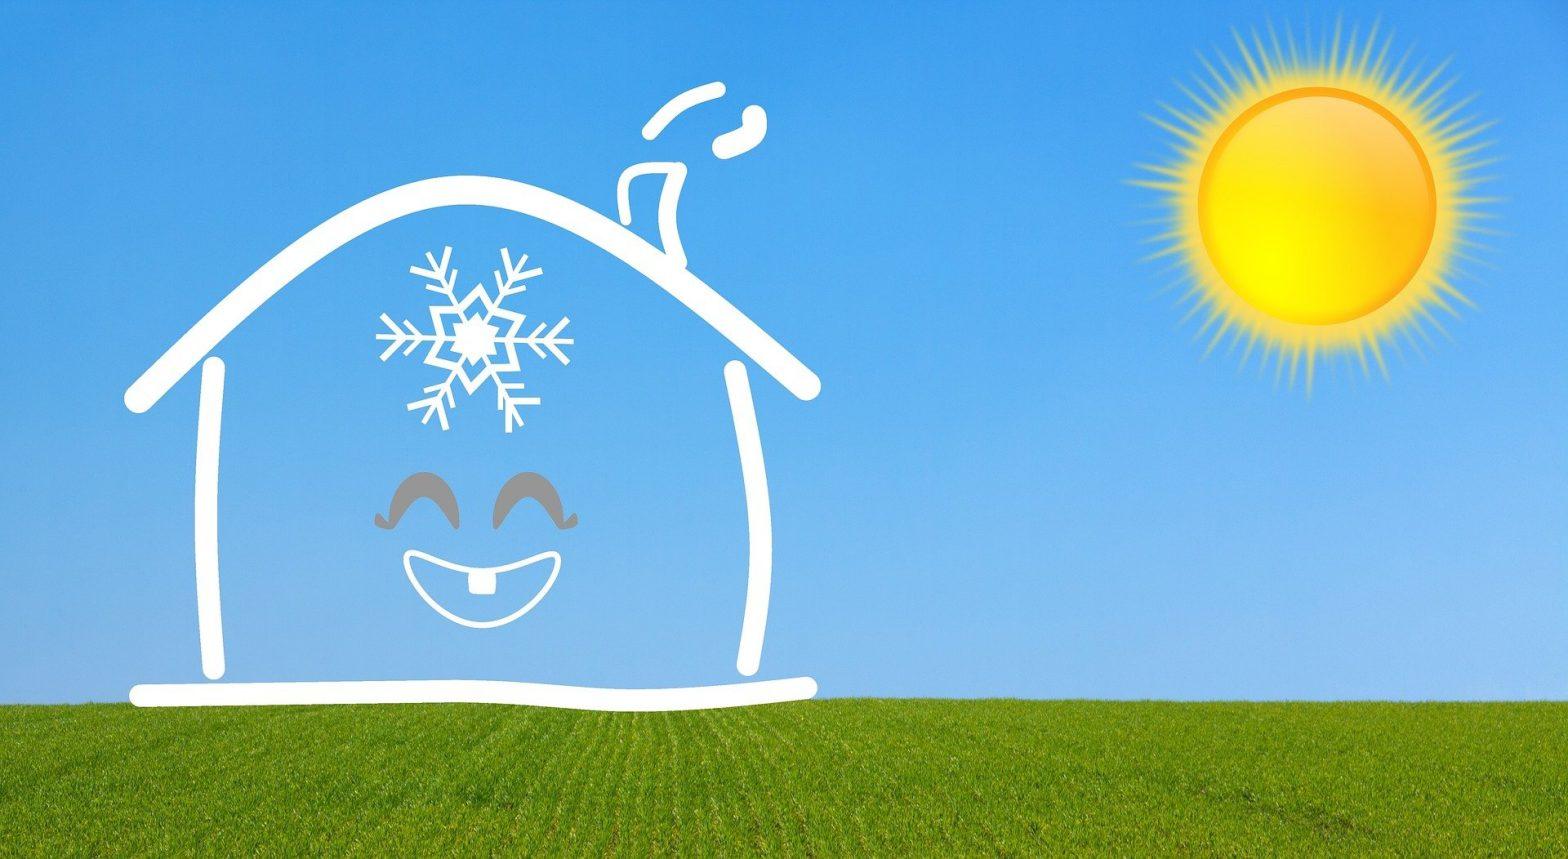 外出時、エアコンは止める?つけたまま? どちらが節電になる?